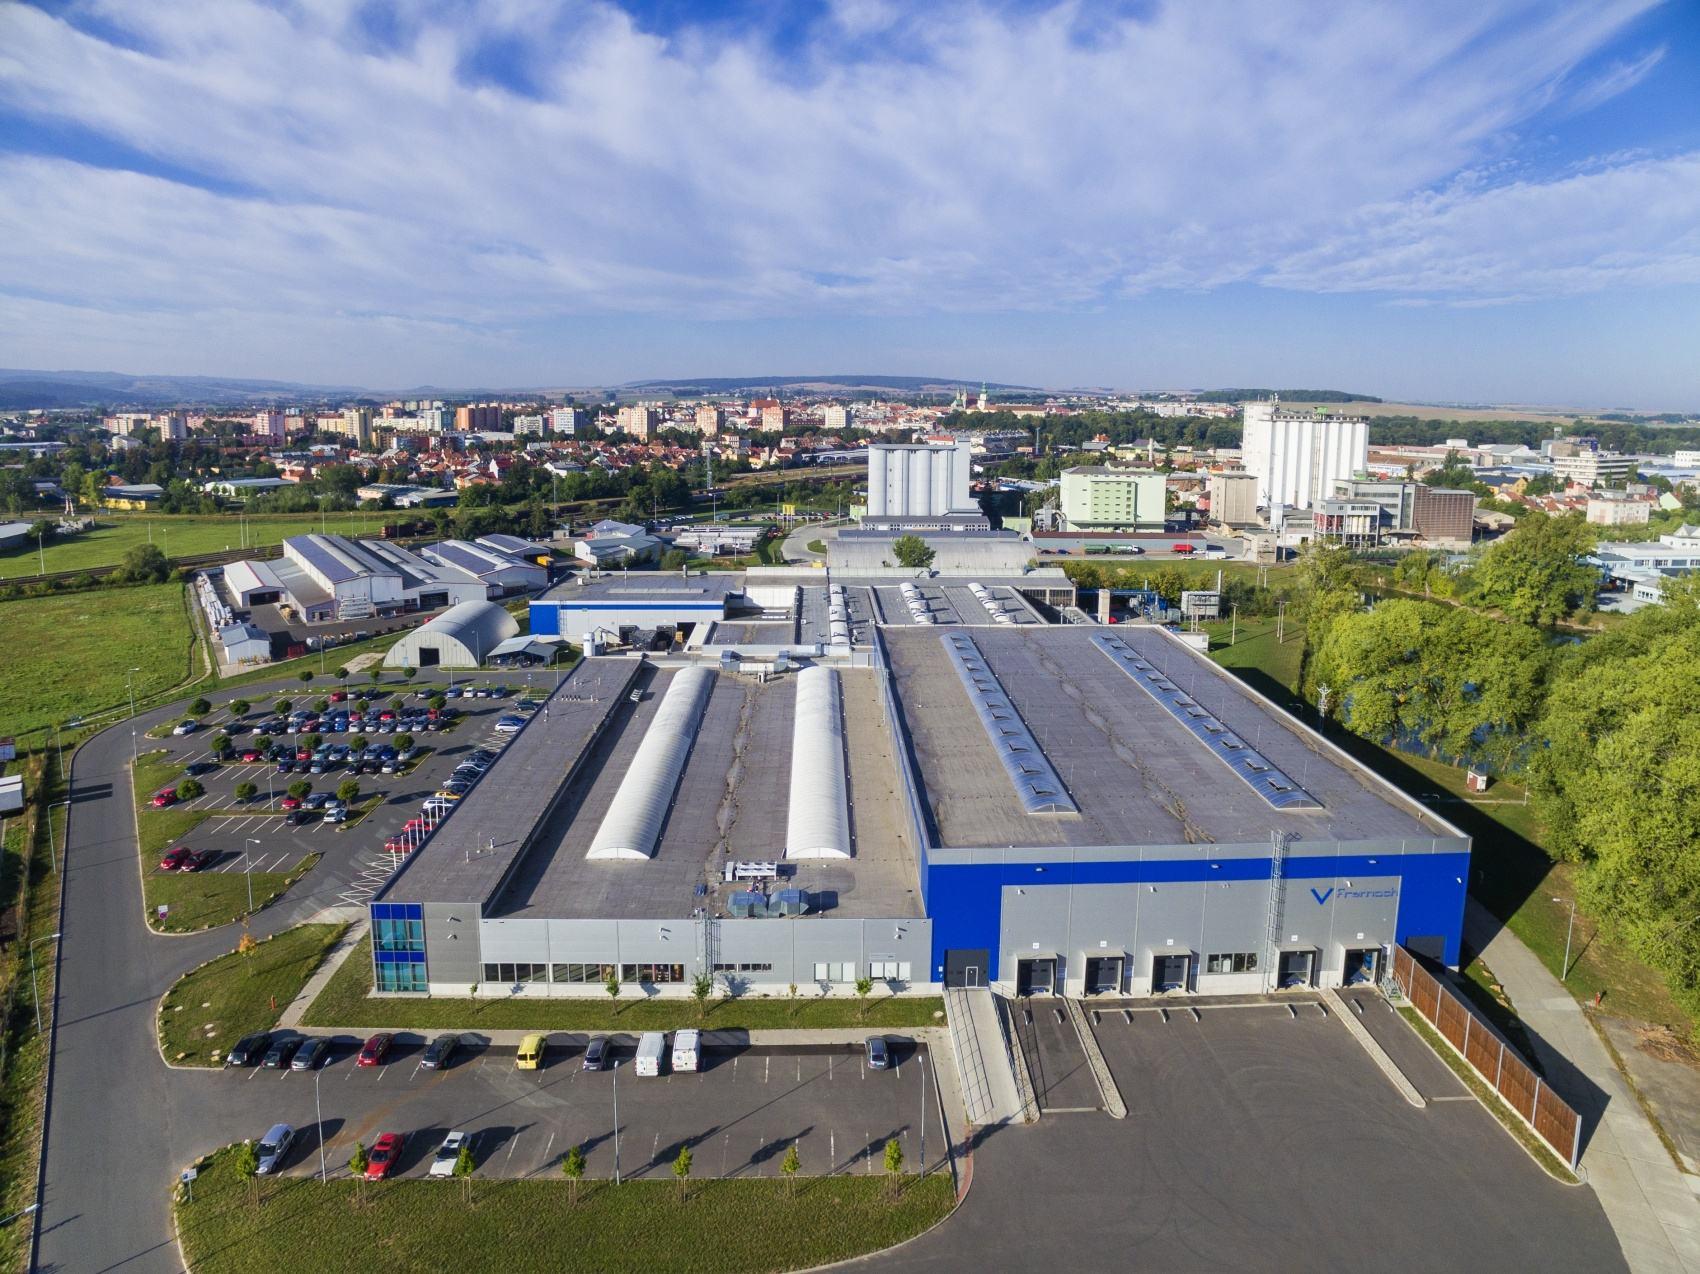 Projekt dostavby průmyslového areálu Fremach Kroměříž - CENTROPROJEKT GROUP